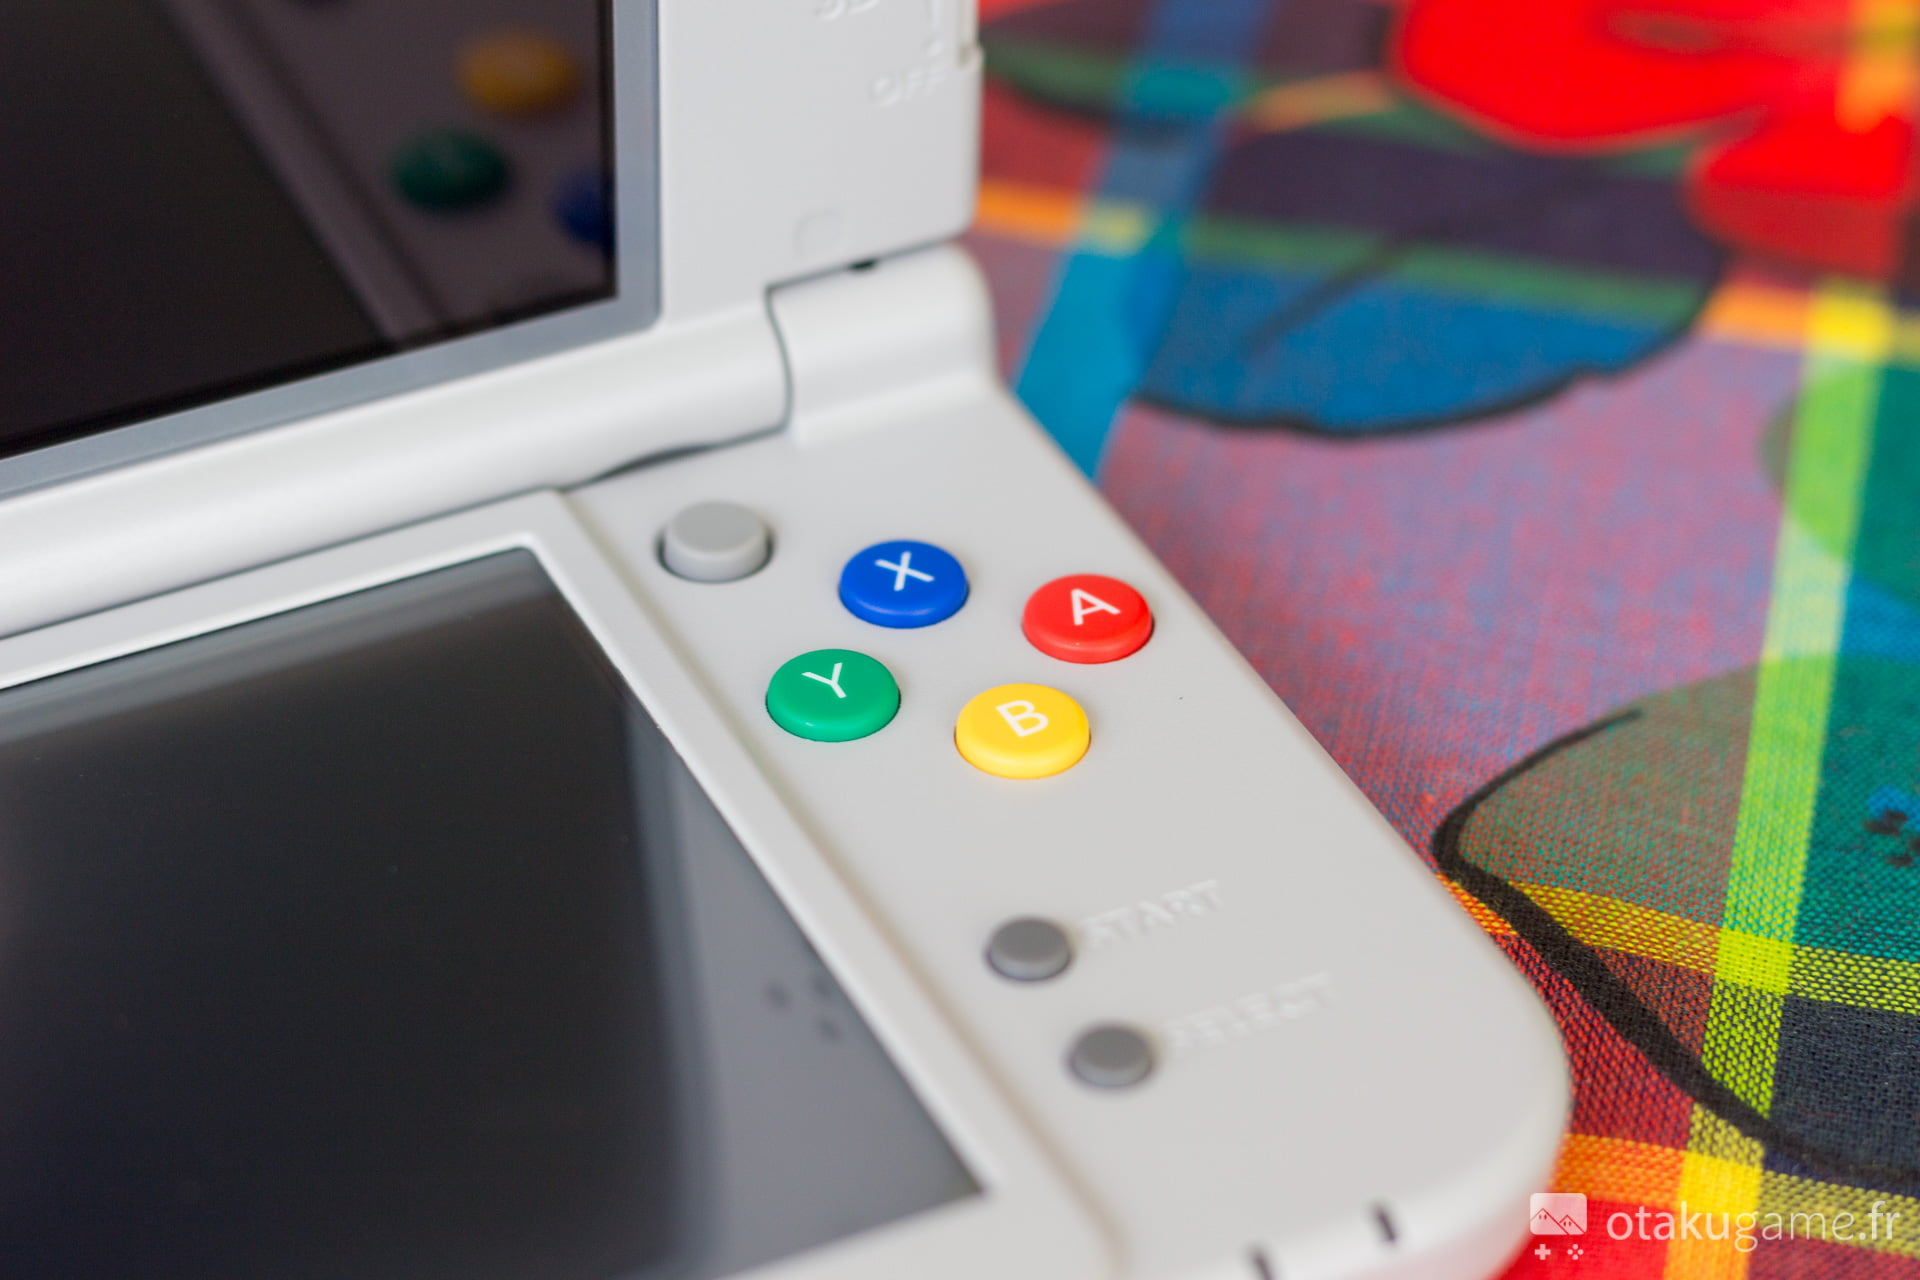 Les boutons colorés vous rappelleront bien des souvenirs...